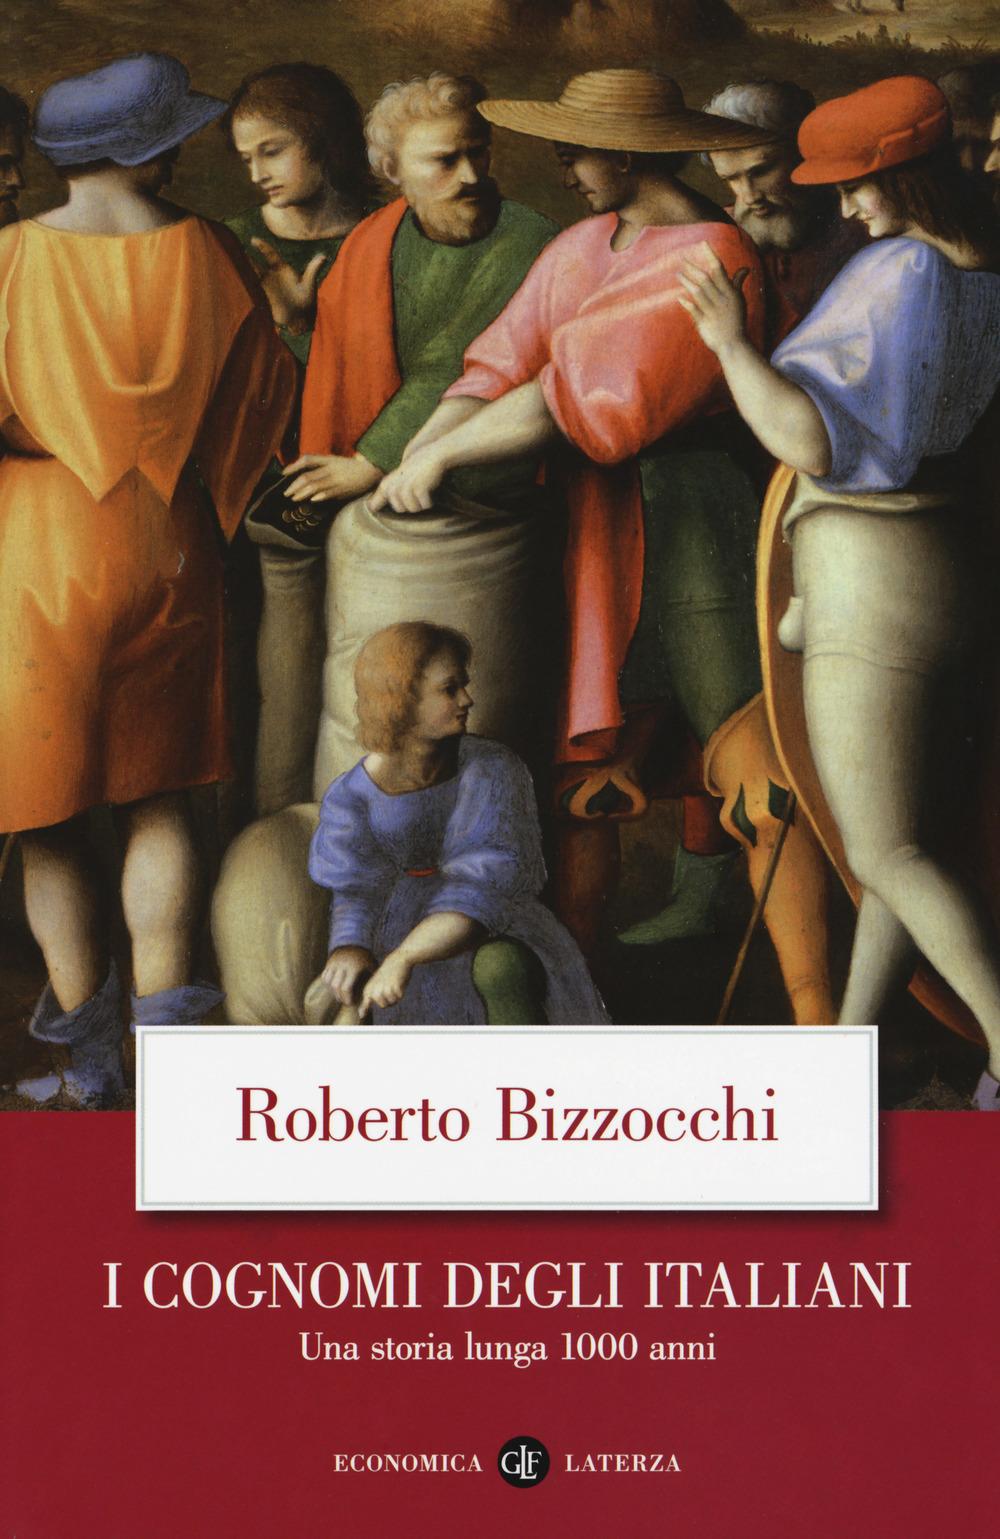 COGNOMI DEGLI ITALIANI. UNA STORIA LUNGA 1000 ANNI (I) - Bizzocchi Roberto - 9788858132869